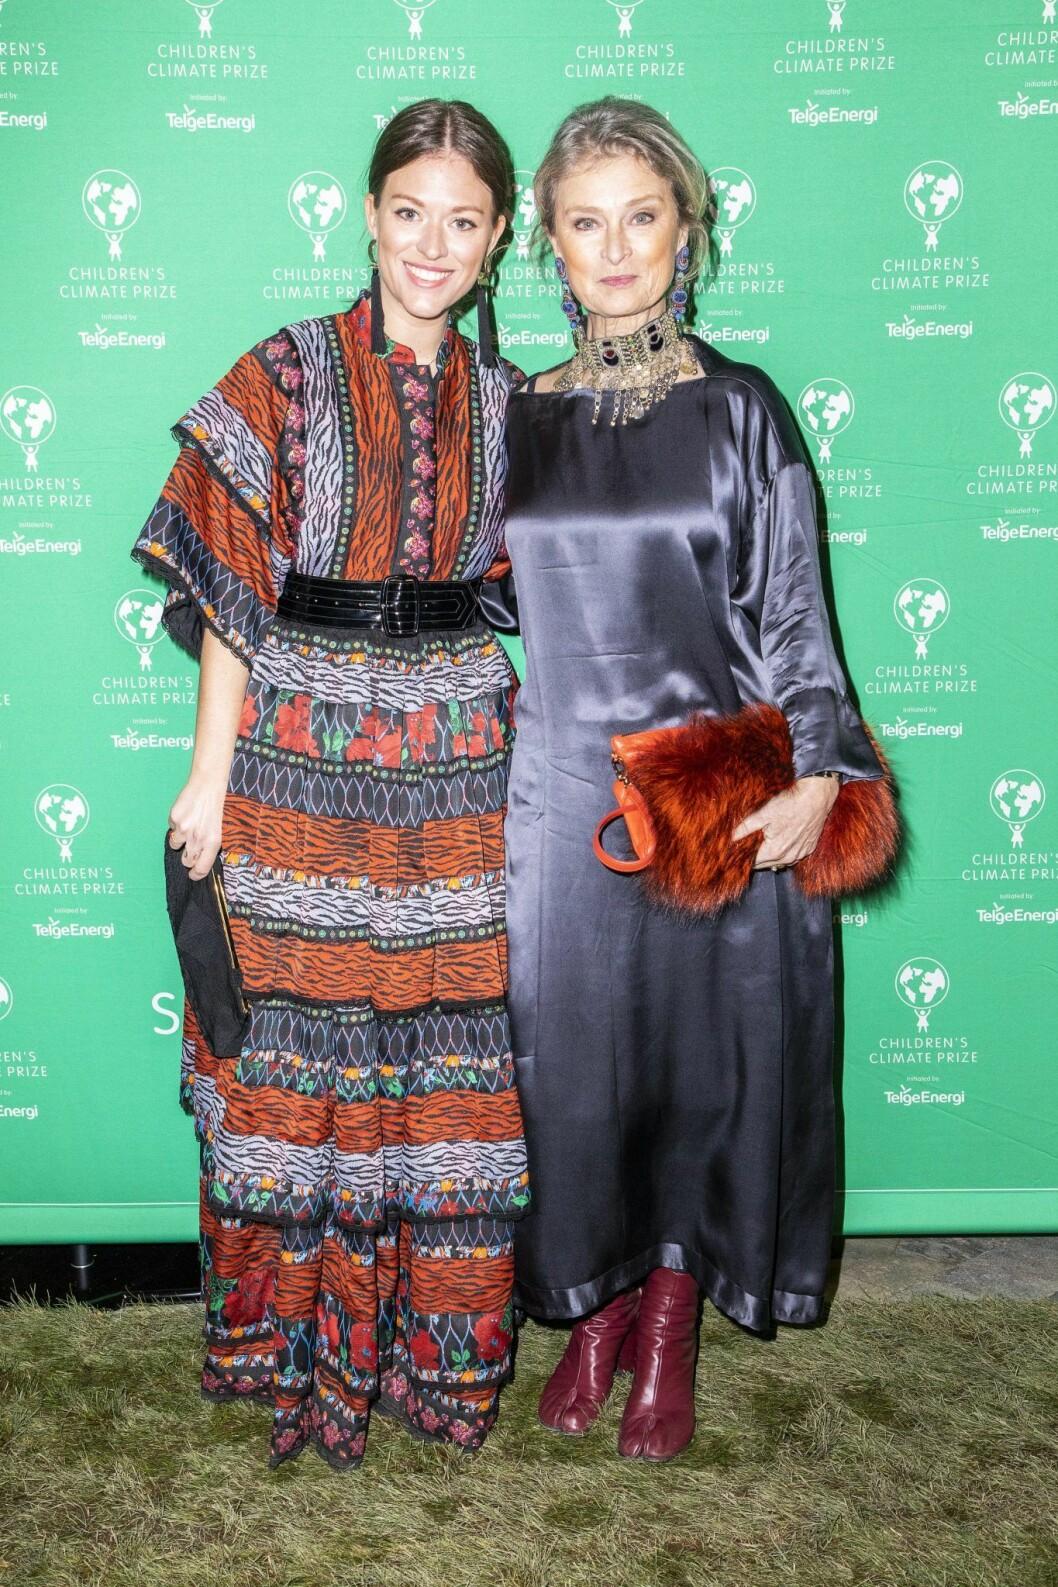 Lena Endre med dottern Rosanna Endre